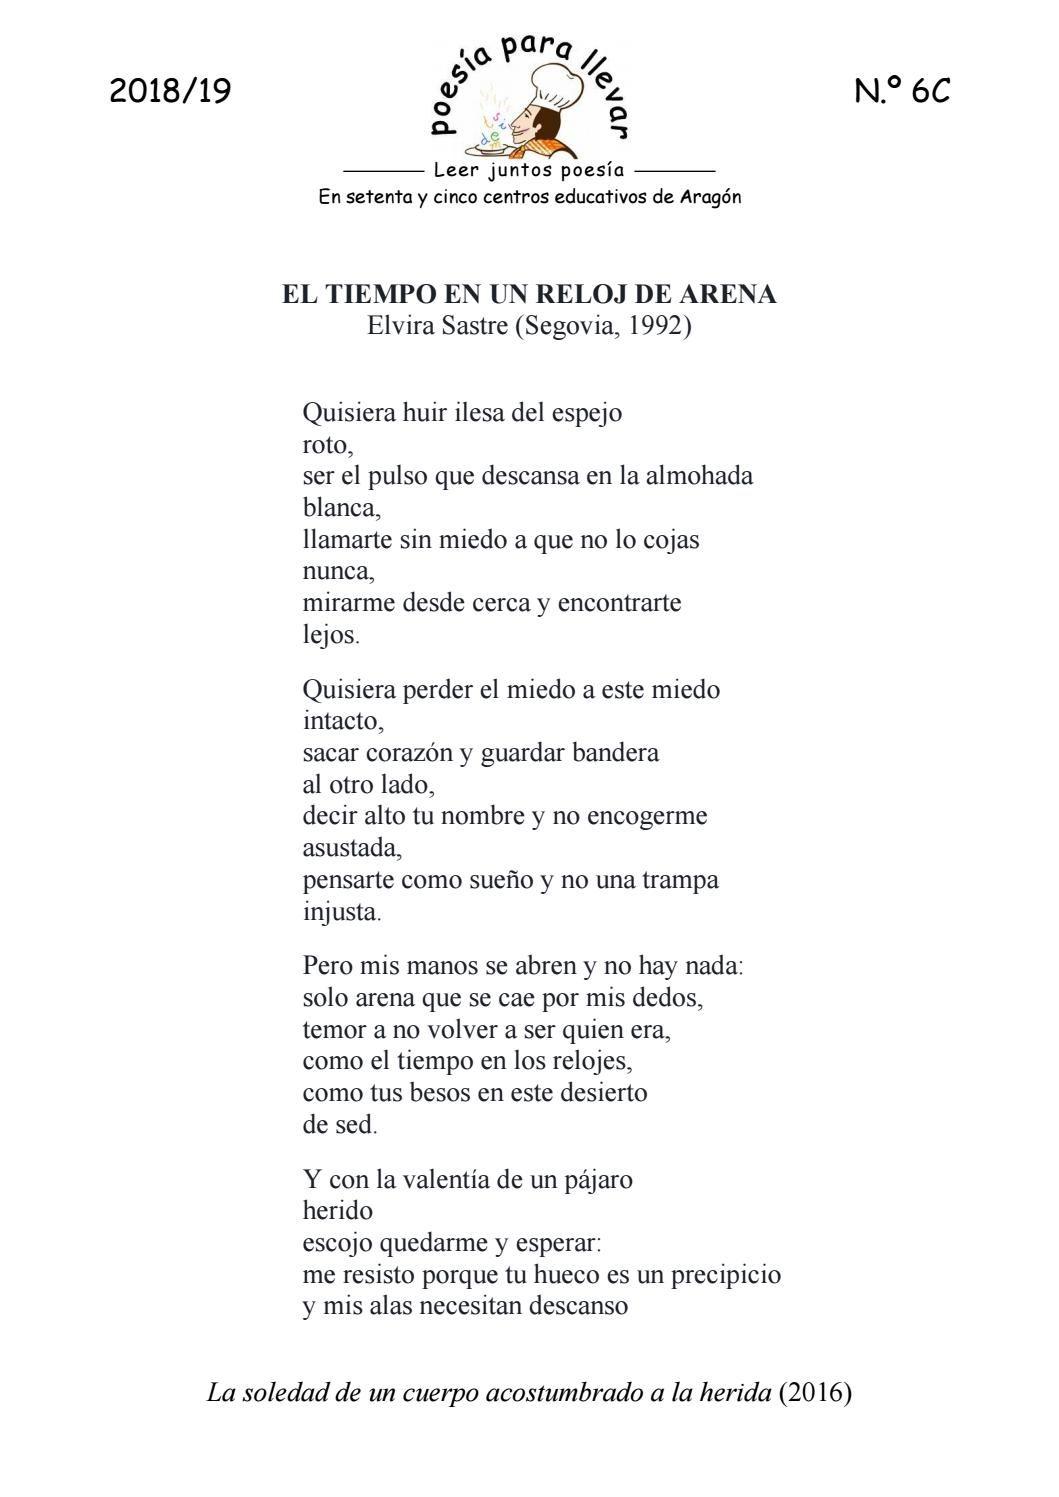 Ppll1819 6c Elvira Sastre El Tiempo En Un Reloj De Arena Literature Phrase Quotes